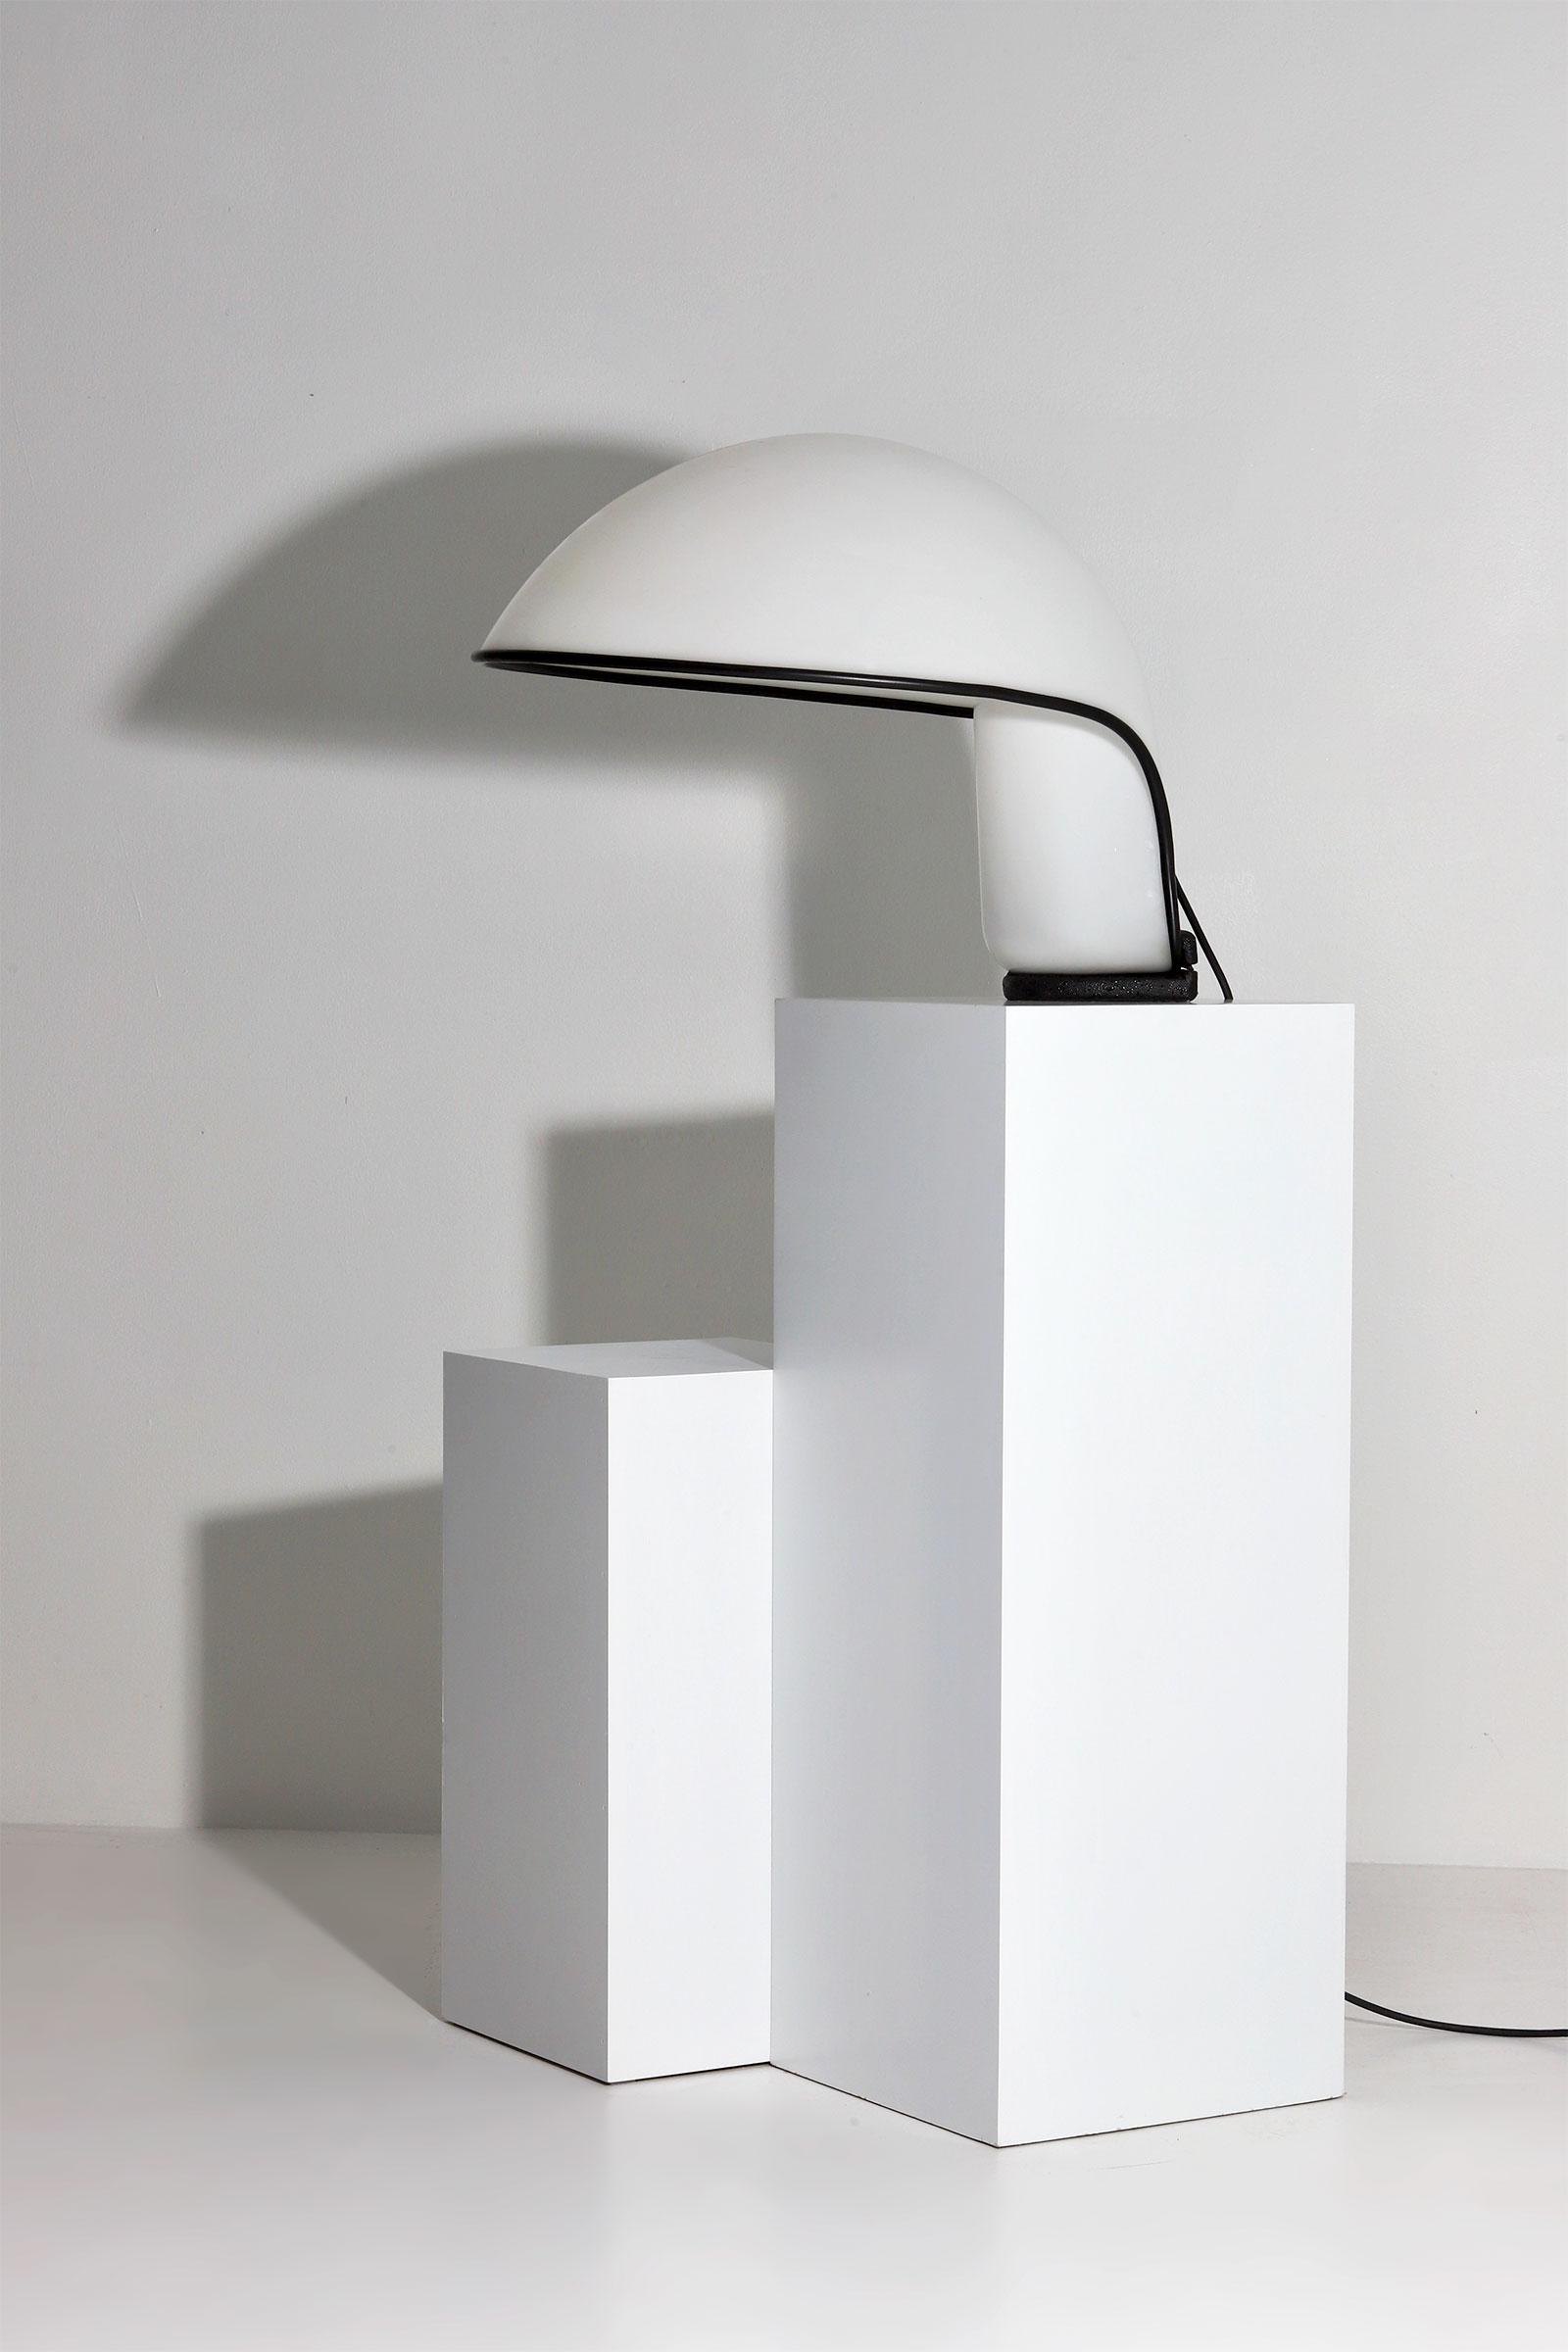 Albanella Table Lamp by Sergio Brazzoli & Ermanno Lampa for Guzziniimage 1